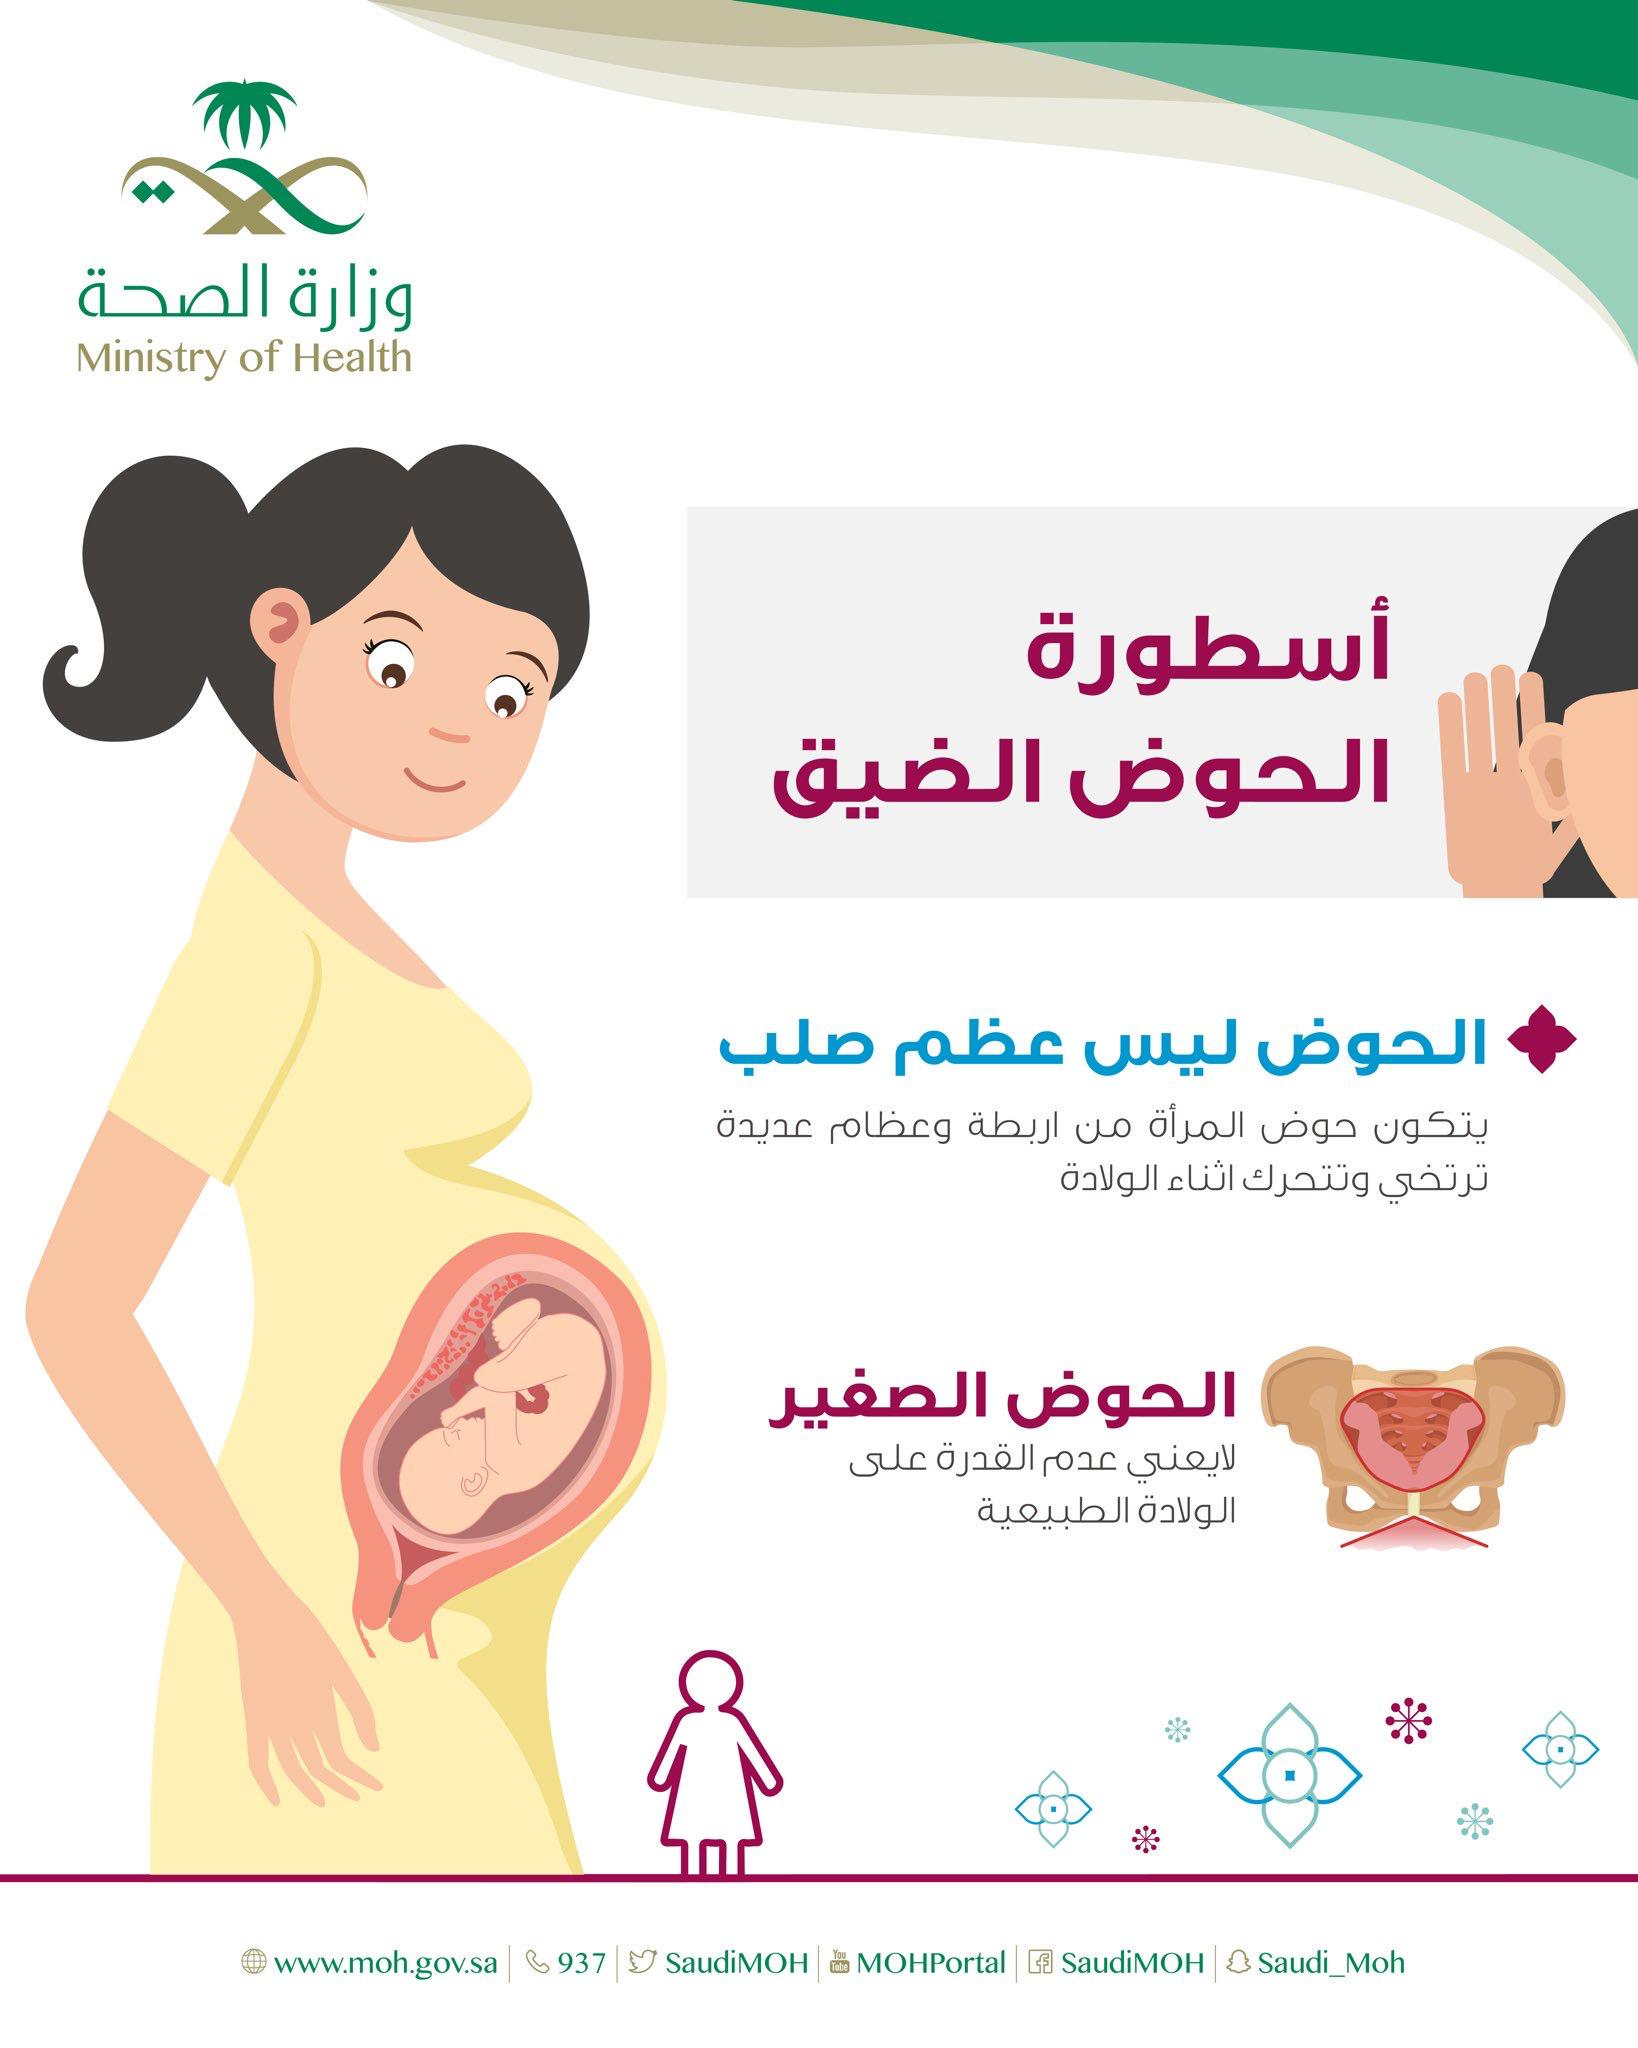 الحمل الحمل والولادة الحمل بولد الحمل التوأمي الحمل و الرضاعة الحمل ببنت الحمل مراحل الحمل والولادة الحمل بتوأم الحمل بولد الحمل Health Ig Story Stories